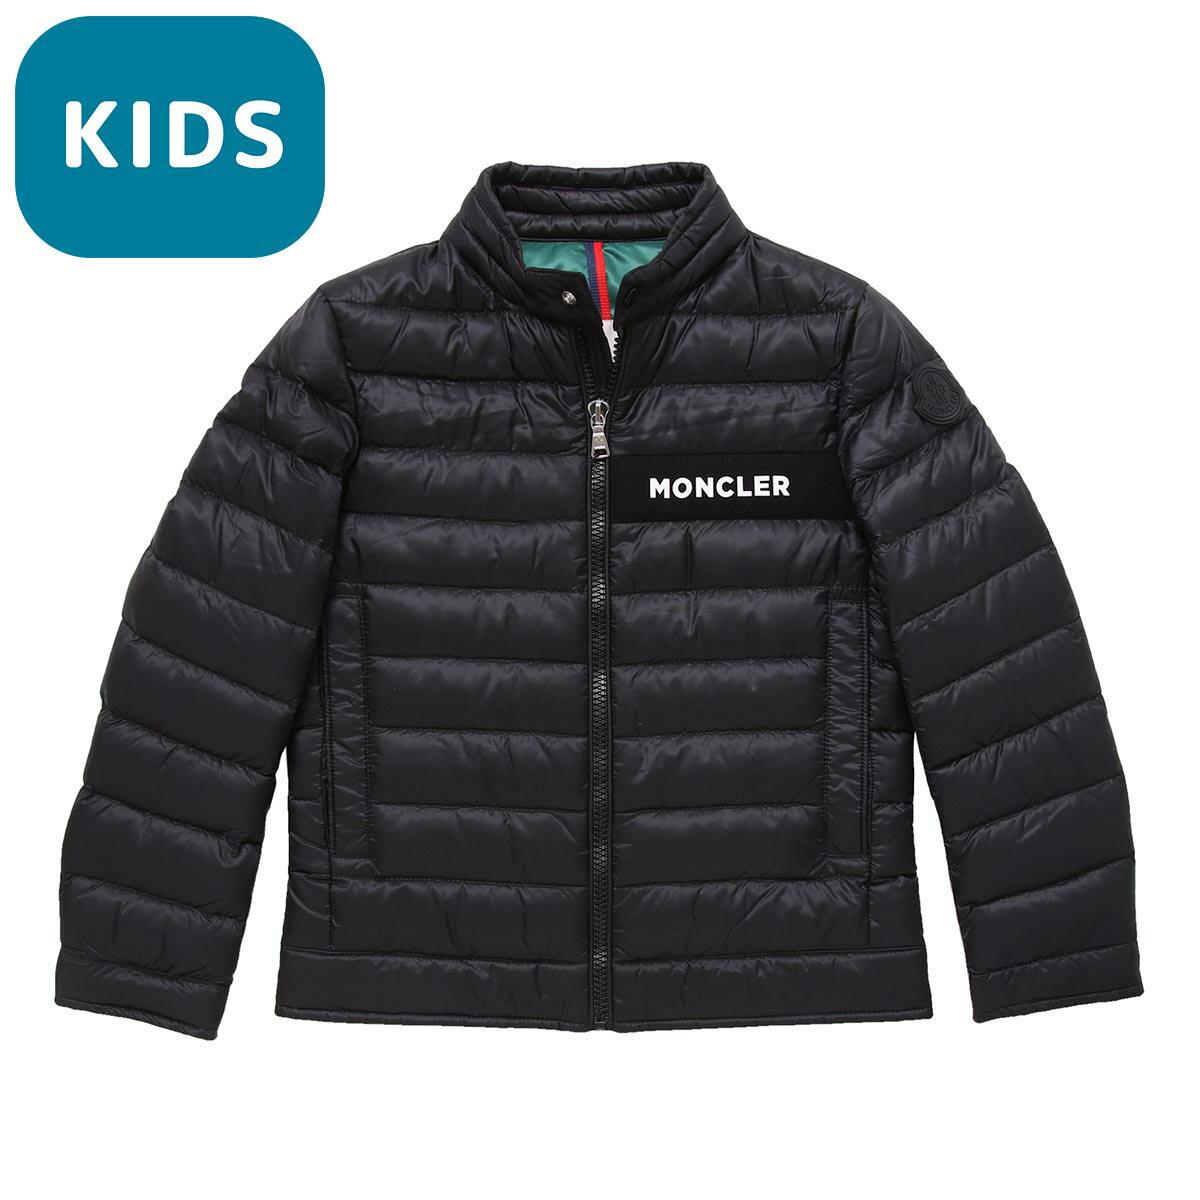 キッズファッション, コート・ジャケット  MONCLER nasses 1a51i20 53334 999 NASSES LONGUE SAISON2021SS